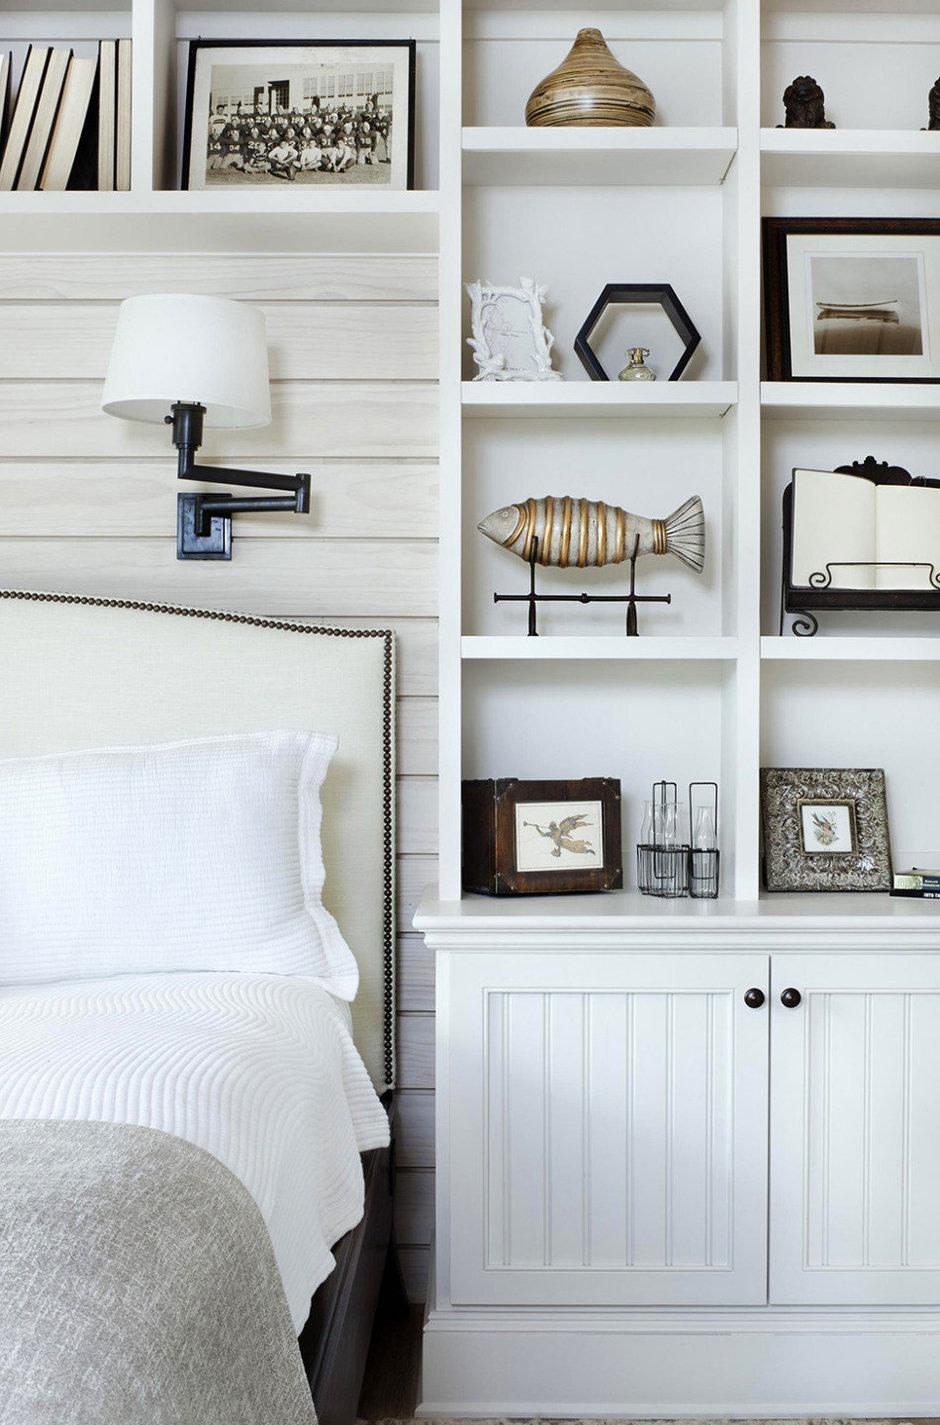 Фотография: Спальня в стиле Скандинавский, Современный, Классический, Дом, Дома и квартиры, Шебби-шик, Индустриальный, Техас – фото на InMyRoom.ru